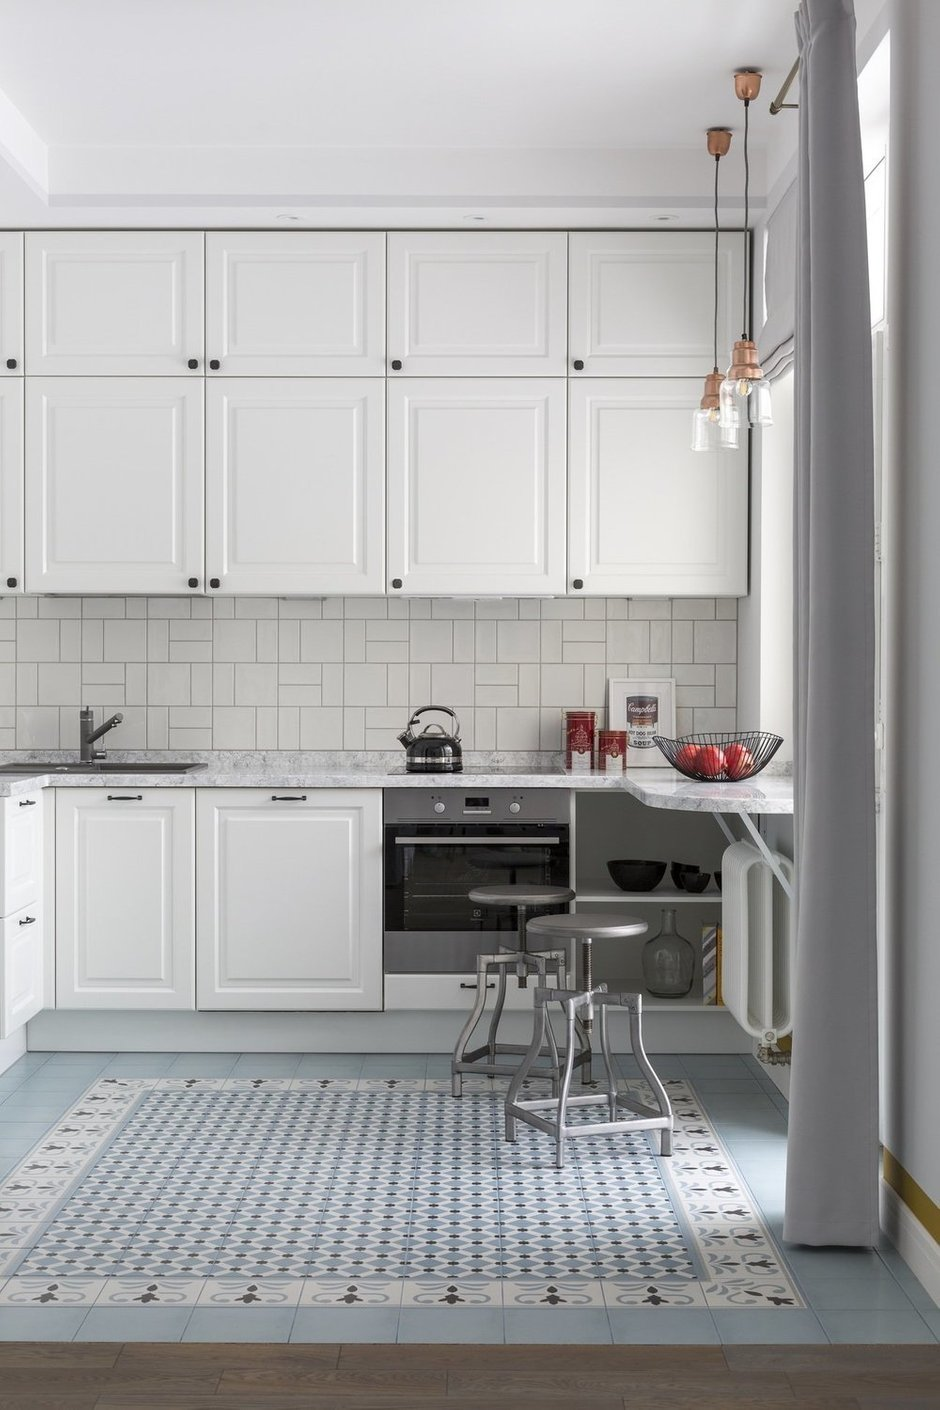 Помимо традиционных верхних шкафов в гарнитуре есть еще один ряд — под самый потолок — для редко используемых вещей.